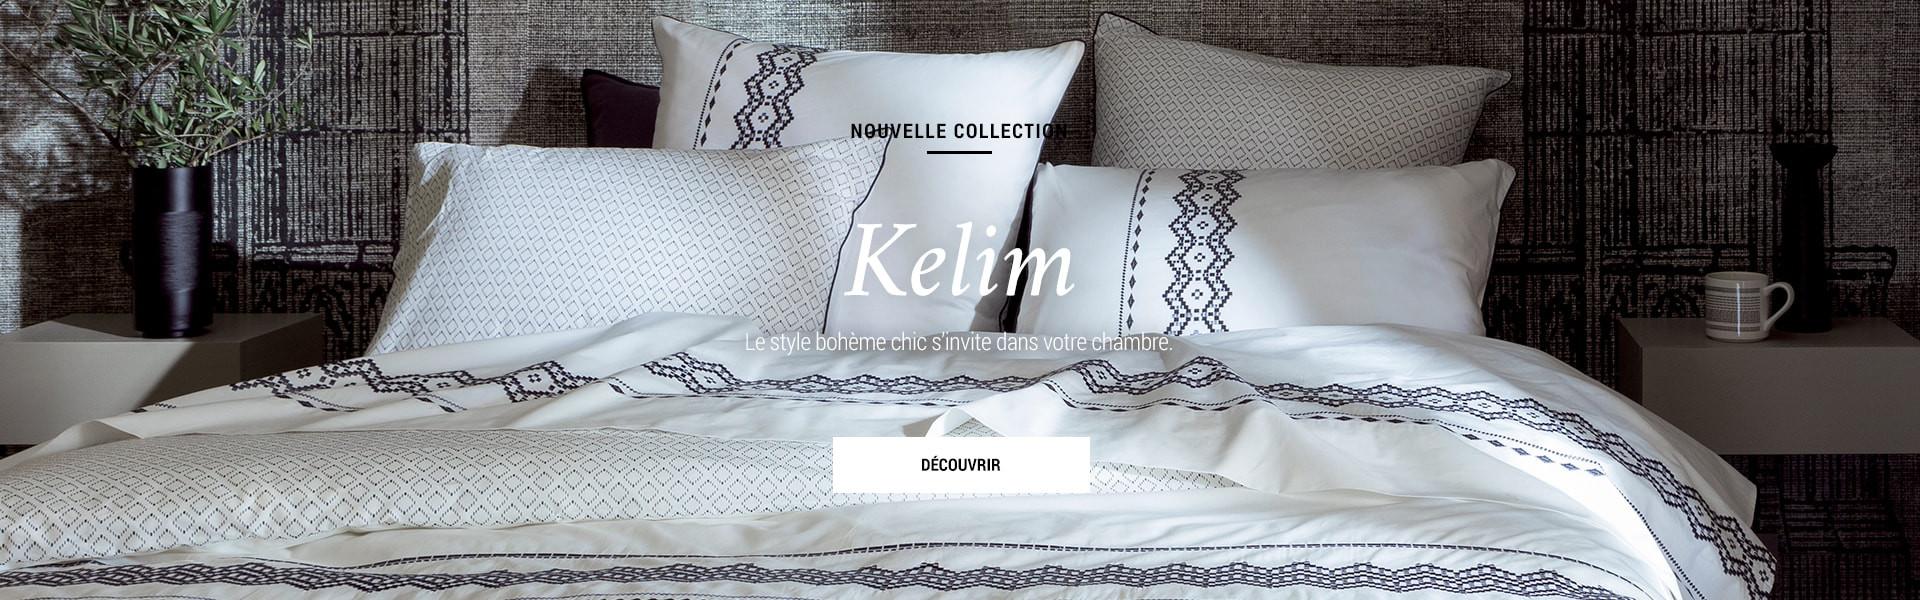 linge de maison carr blanc linge de lit de bain et de table. Black Bedroom Furniture Sets. Home Design Ideas